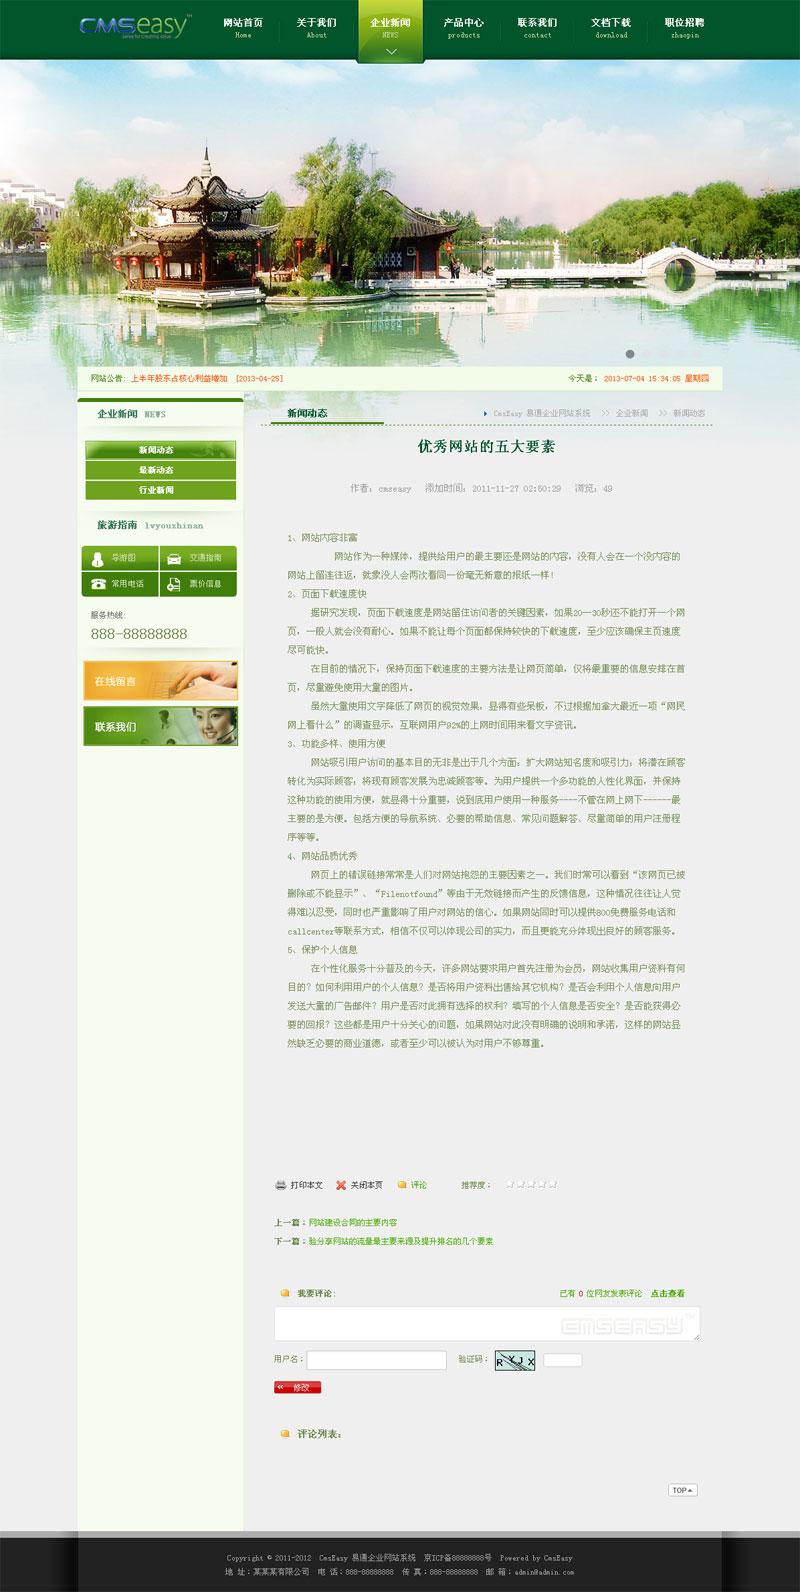 绿色园林企业网站模板图片